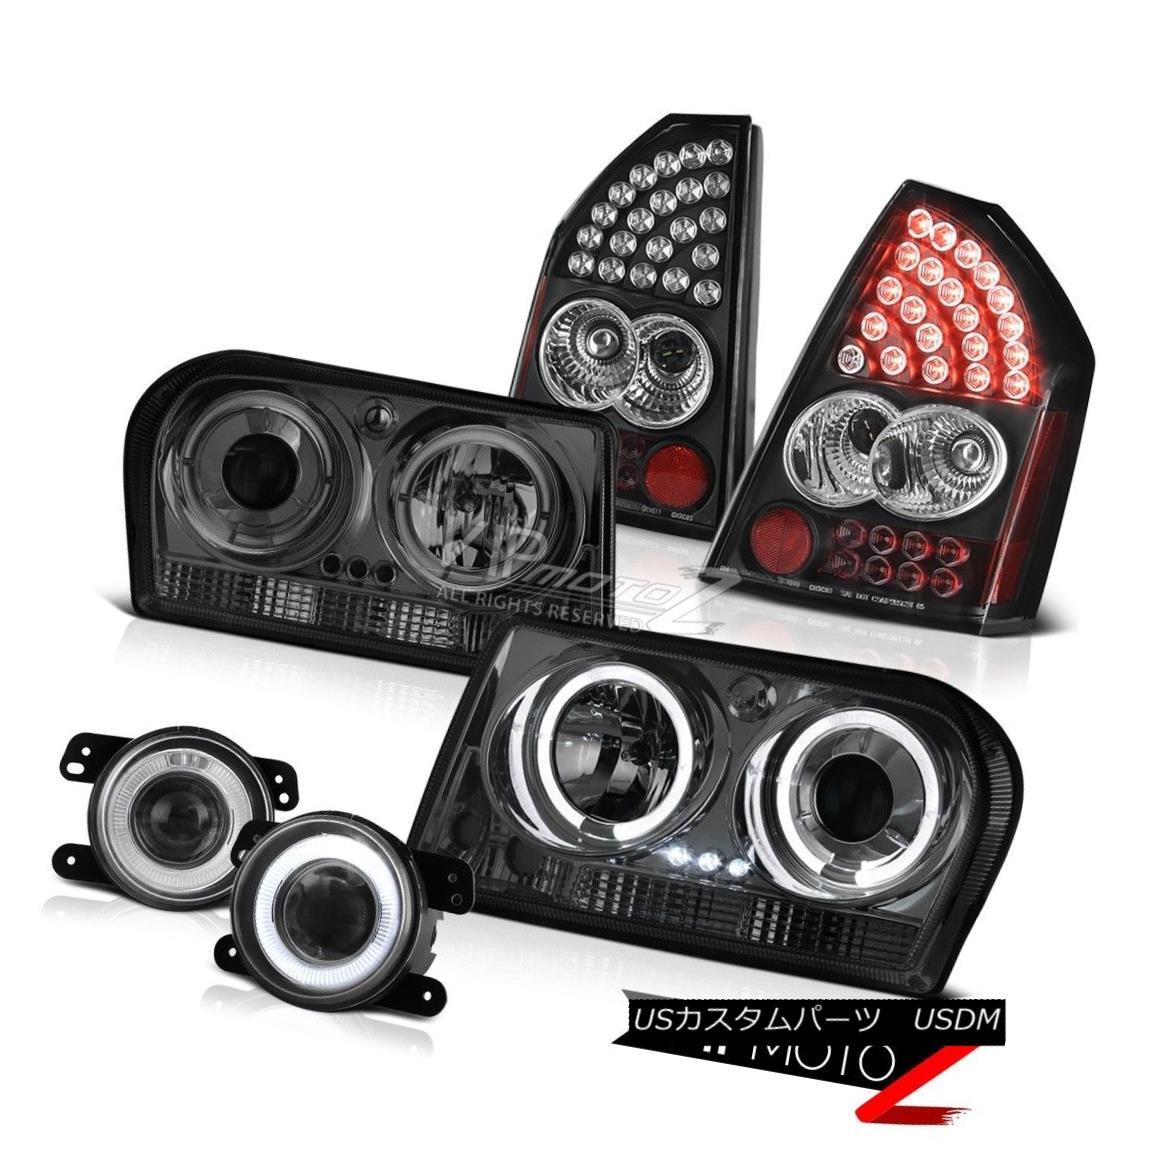 ヘッドライト 05-07 Chrysler 300 Touring Halo Headlights Black LED Tail Lights Driving Fog 05-07クライスラー300 HaloヘッドライトをツーリングするブラックLEDテールライトドライビングフォグ